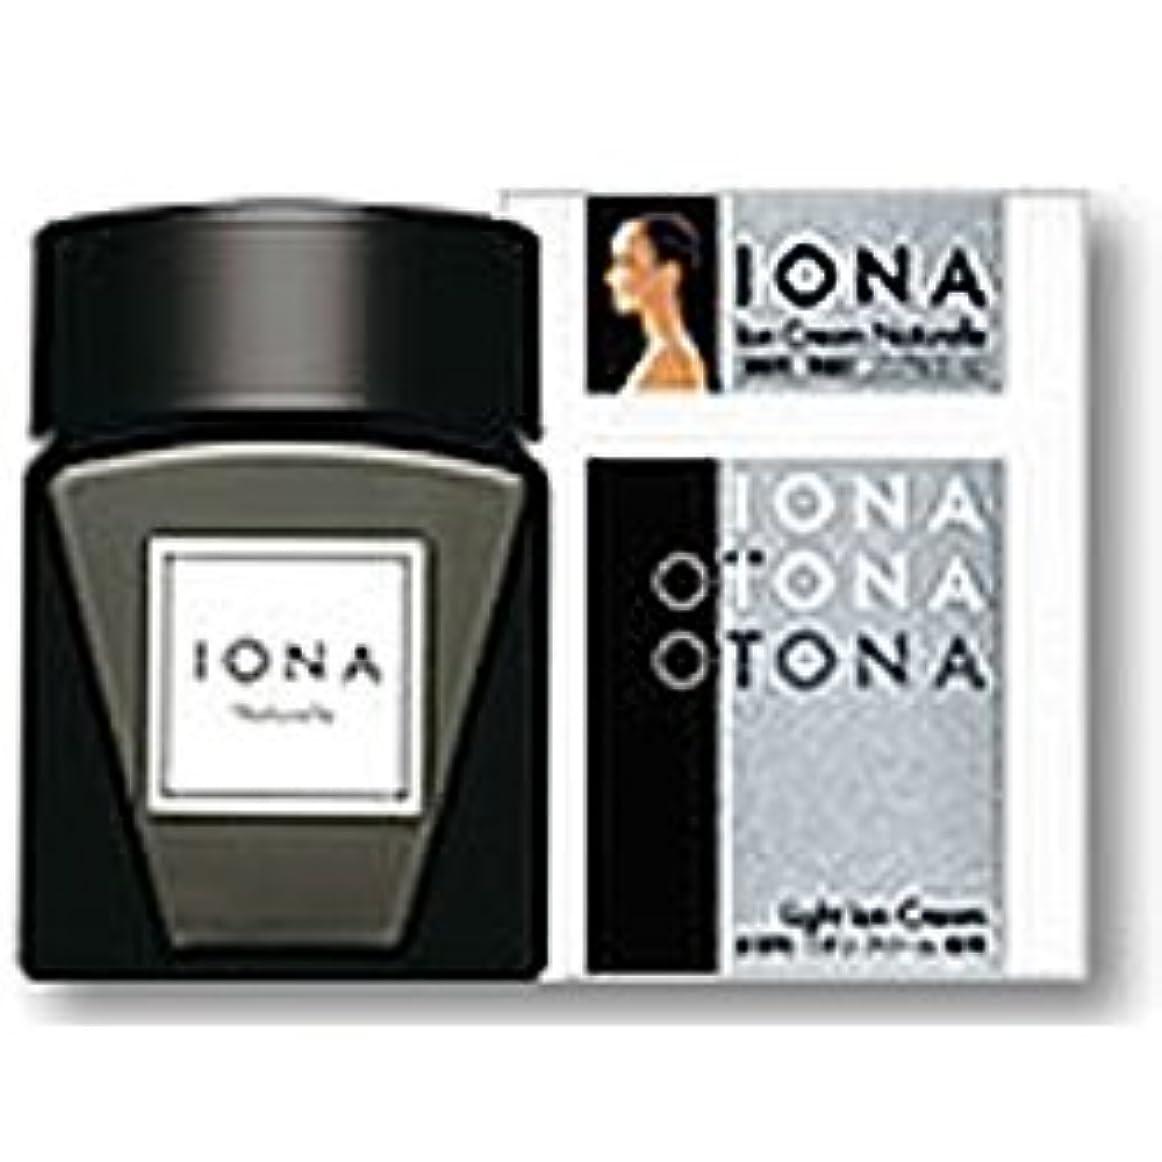 目を覚ますロッジ自動化【イオナ】イオナ イオンクリーム ナチュレール 54g ×5個セット